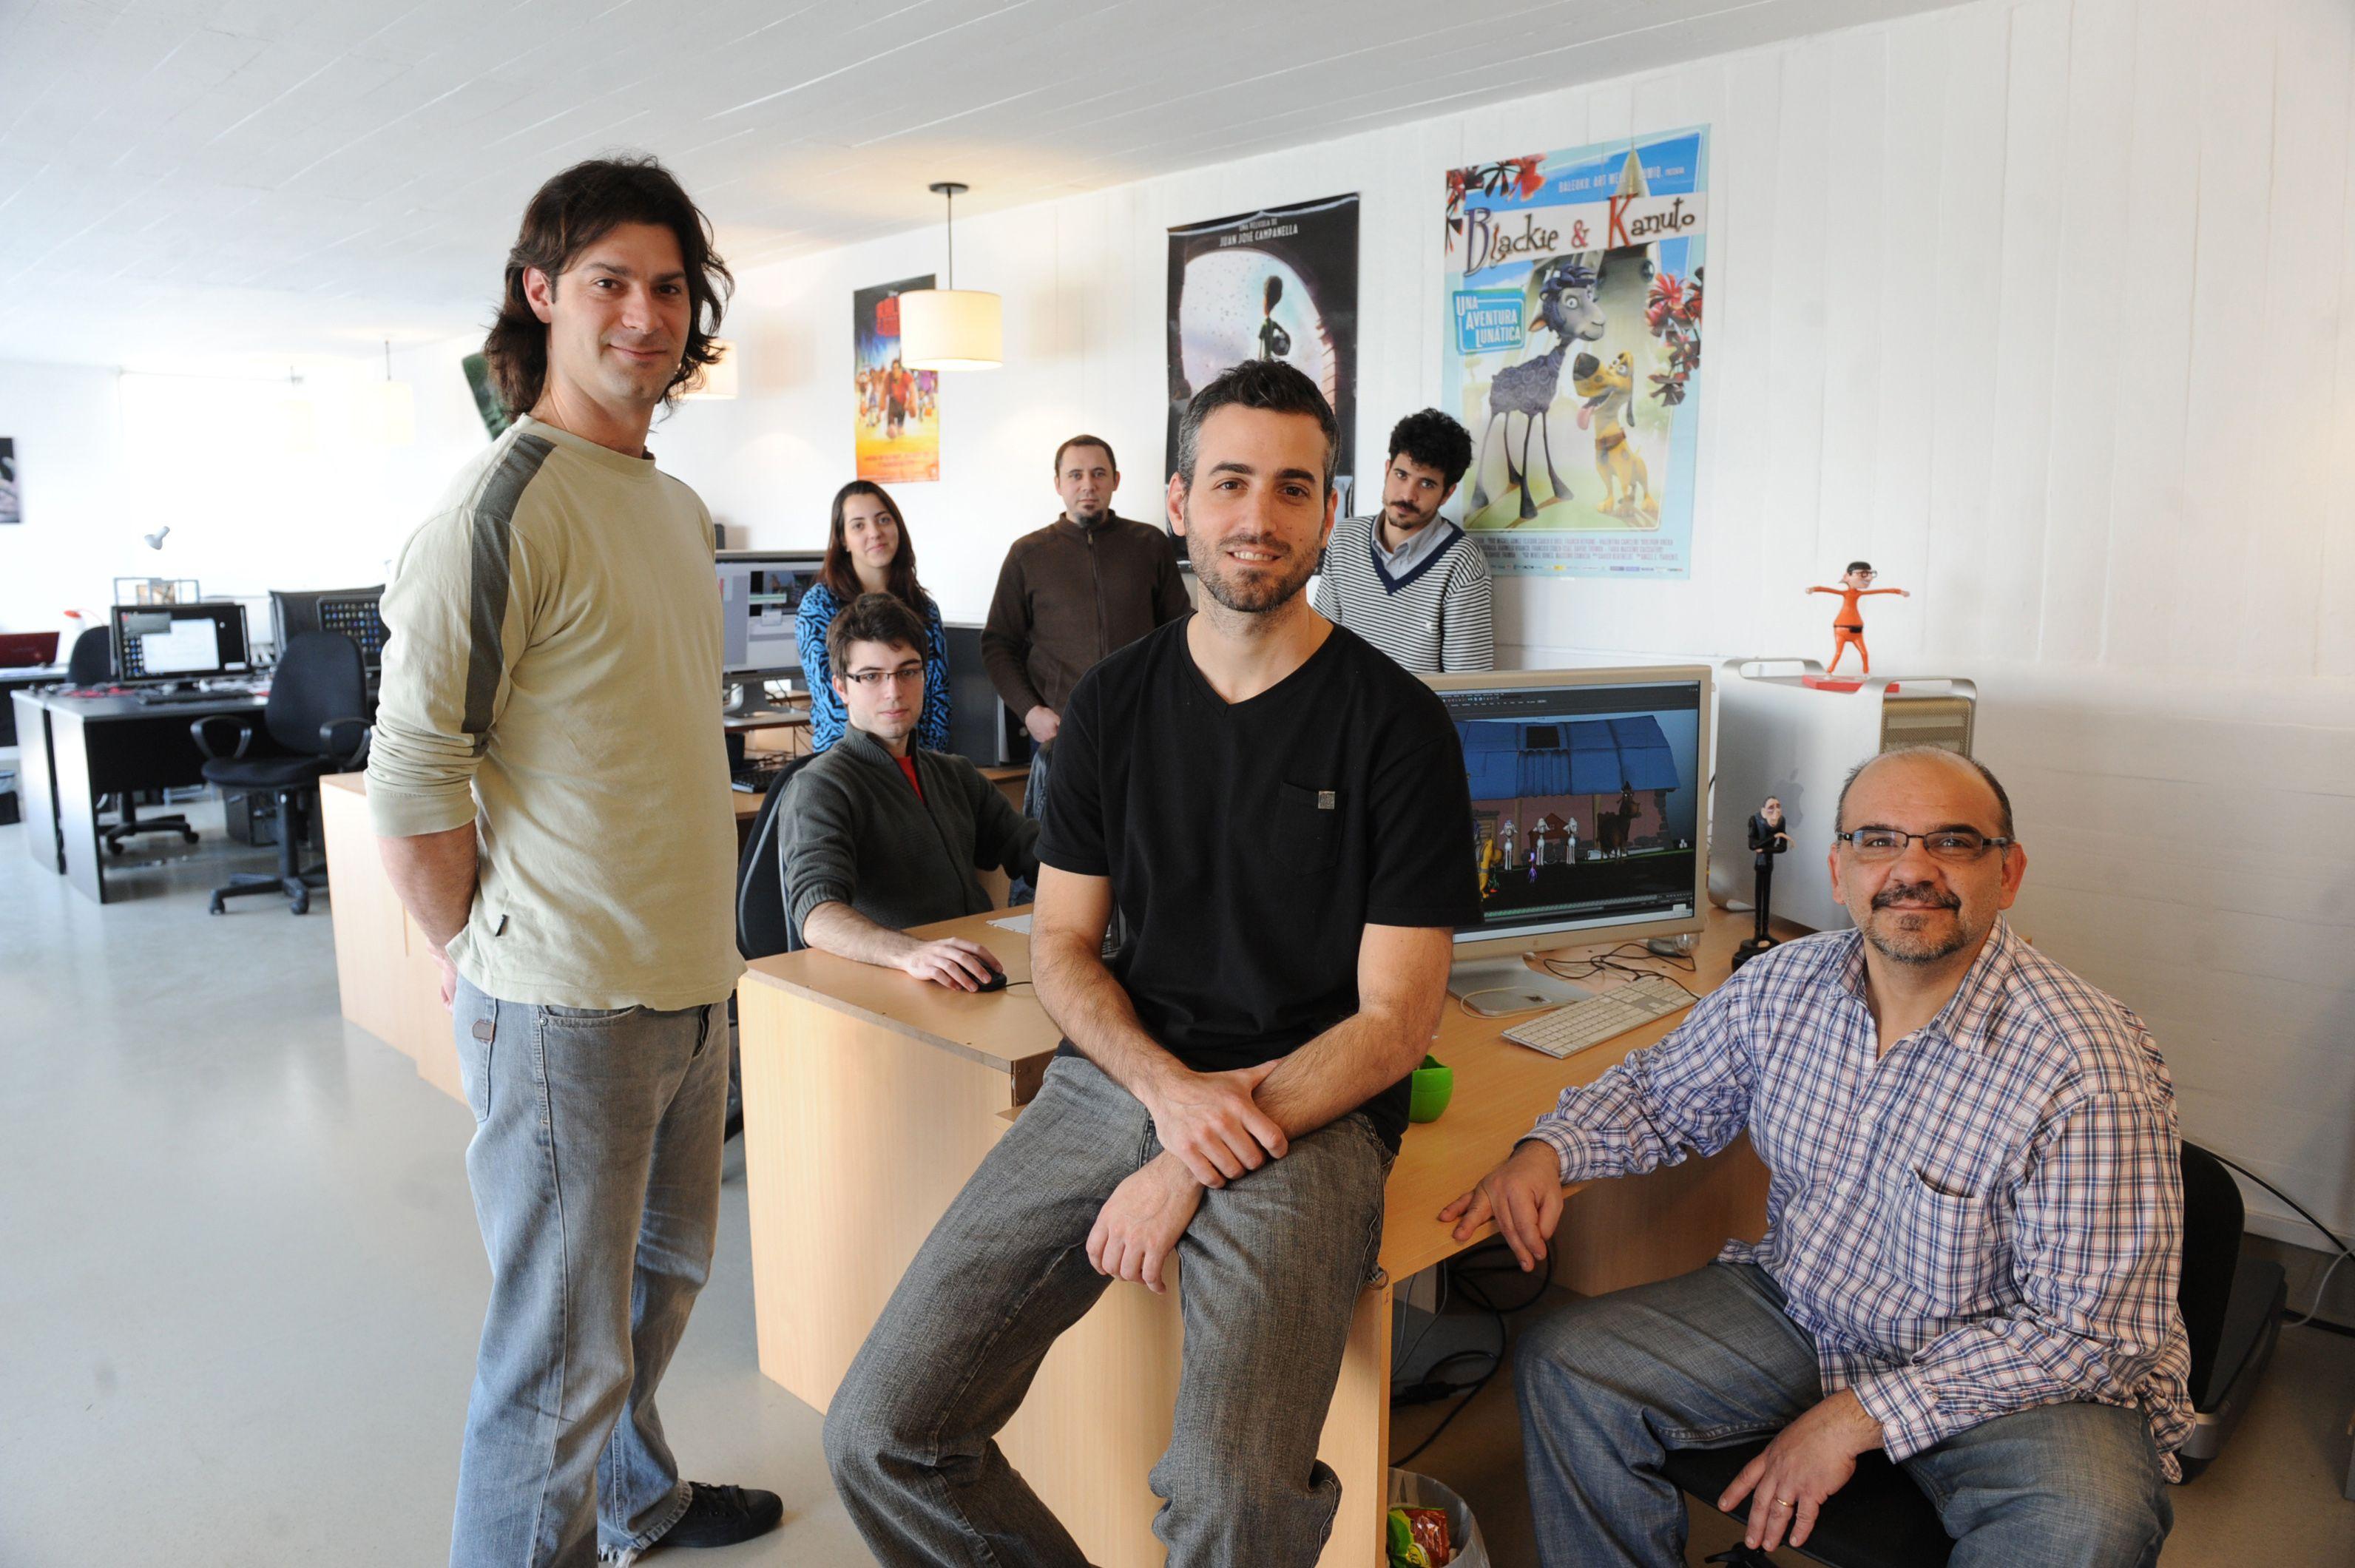 Animados. Los jóvenes de Draftoon y Robotto comparten una oficina y estudio. Proyectos de película.